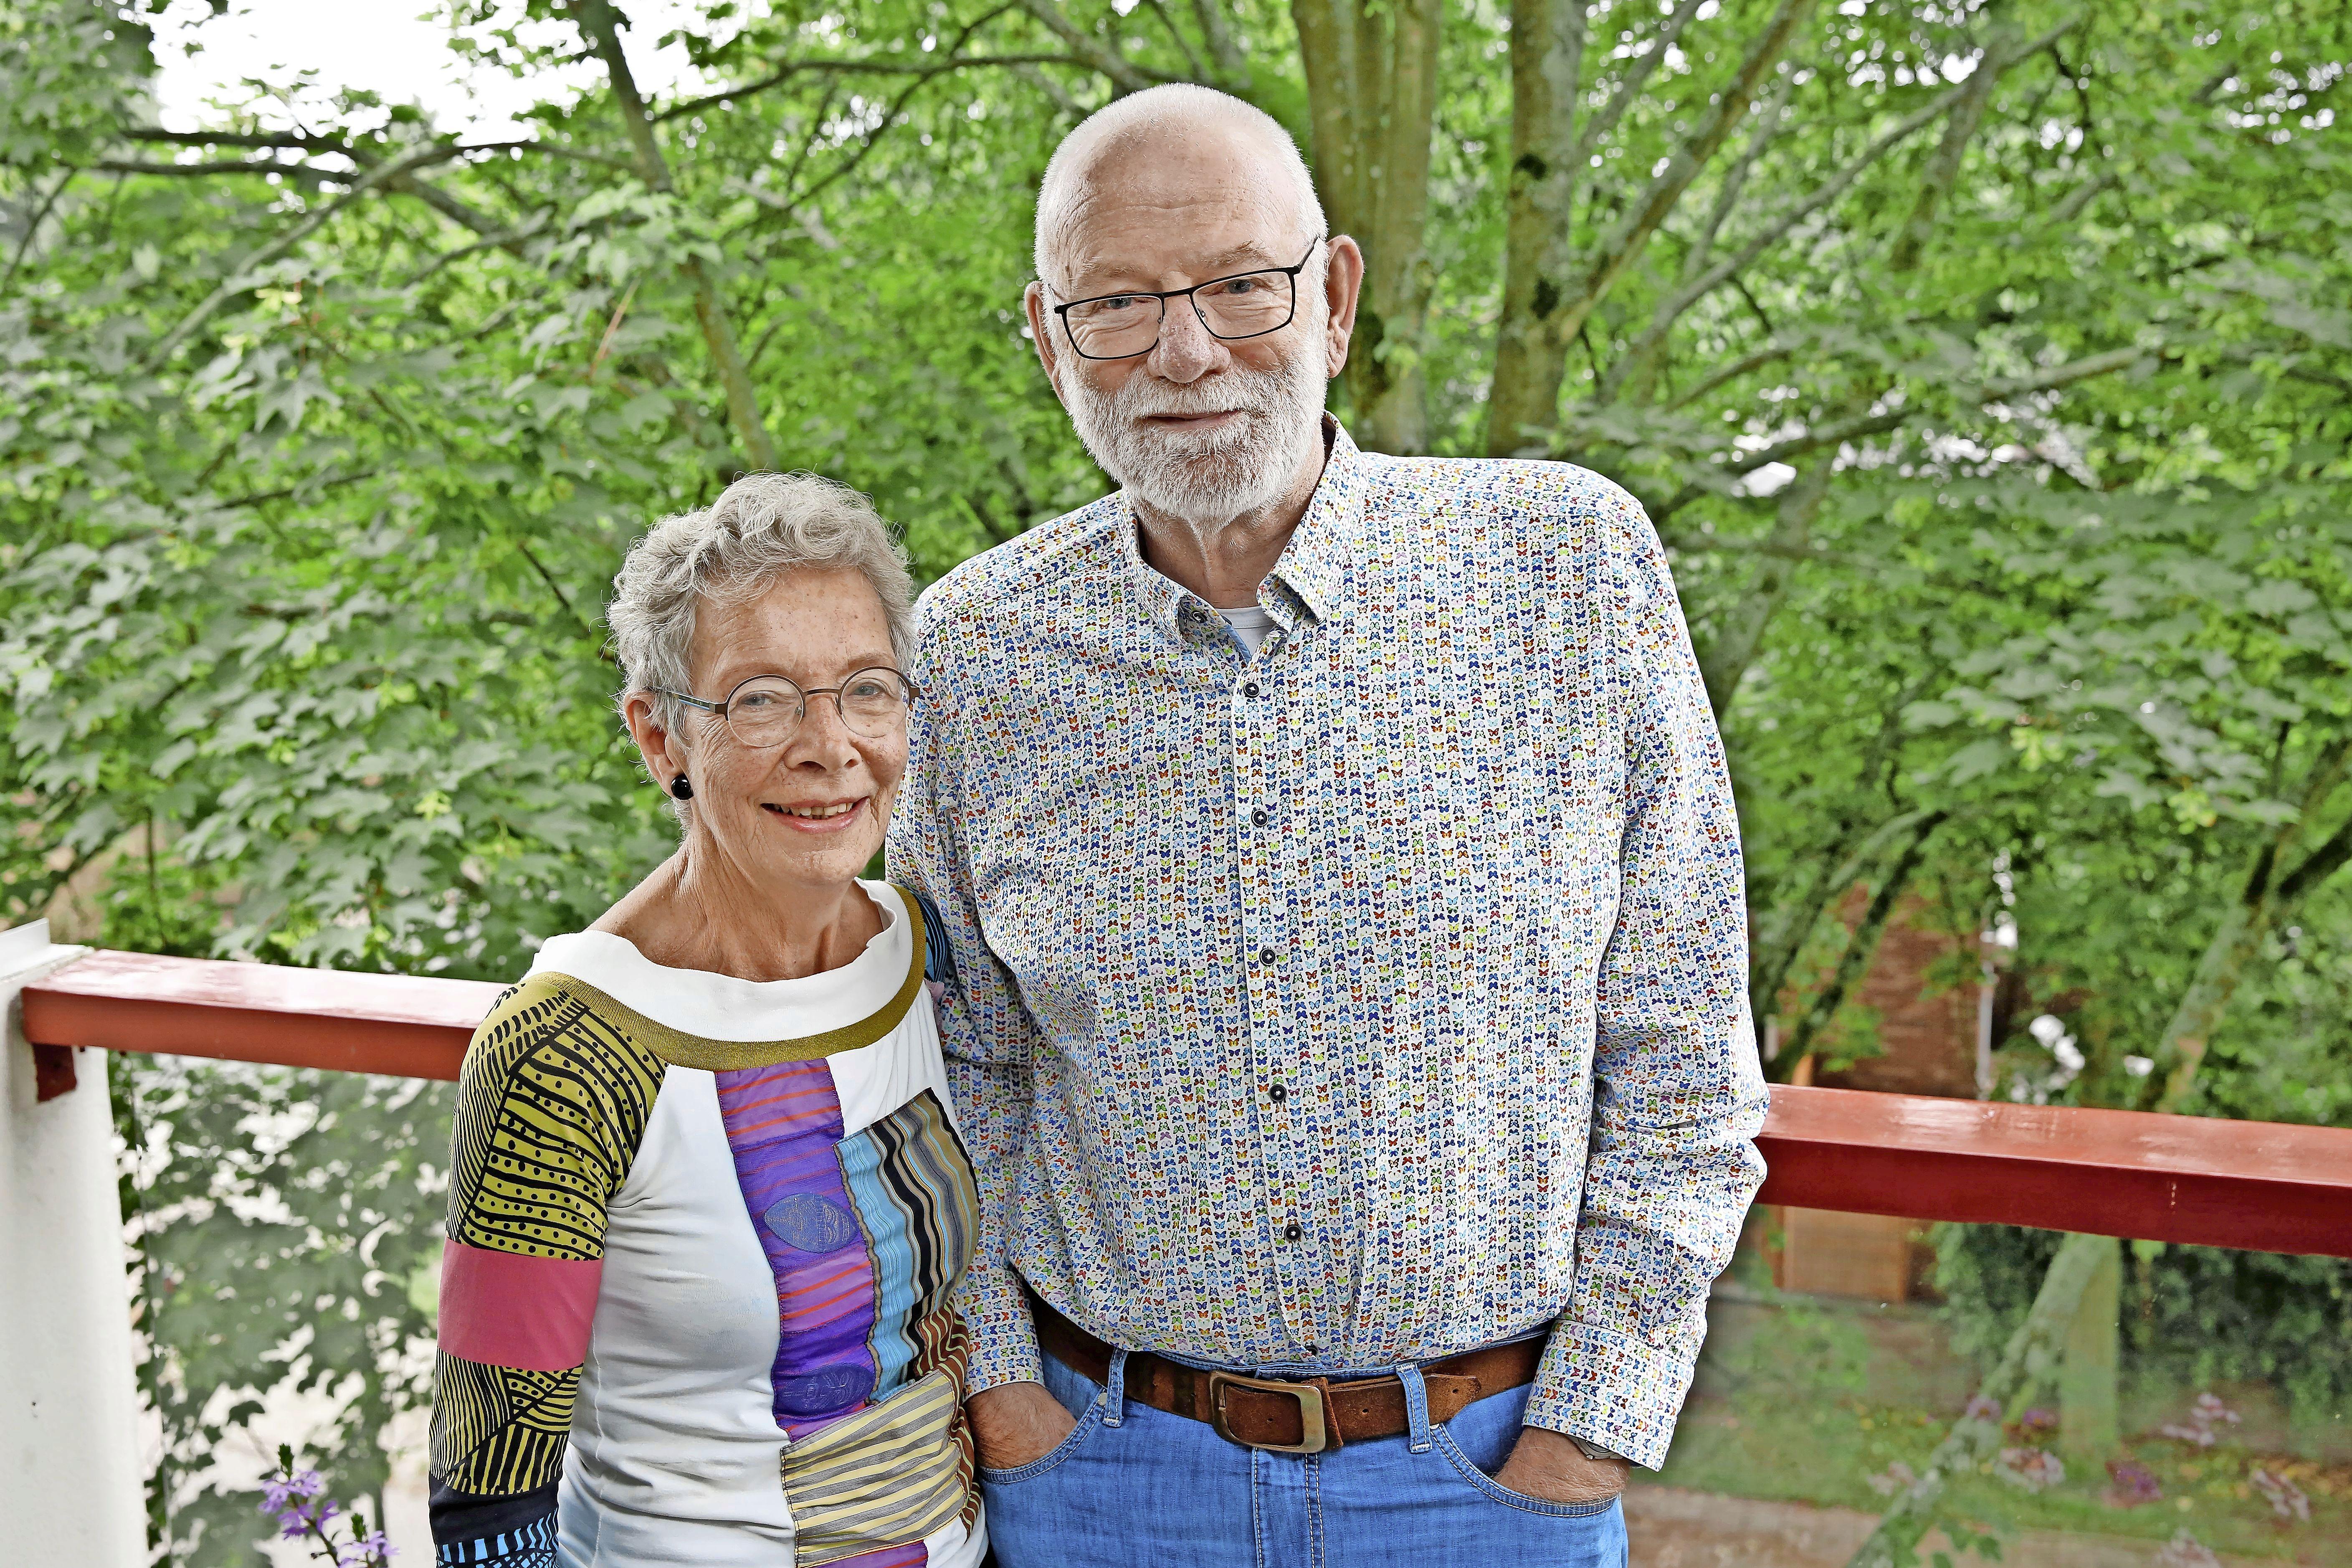 Spaanse vakantieromance tussen Hans van Eijden uit Soest en zijn Schotse Margaret mondt uit in huwelijk dat al 52 jaar stand houdt: 'We wisten dat we voor elkaar bestemd waren'